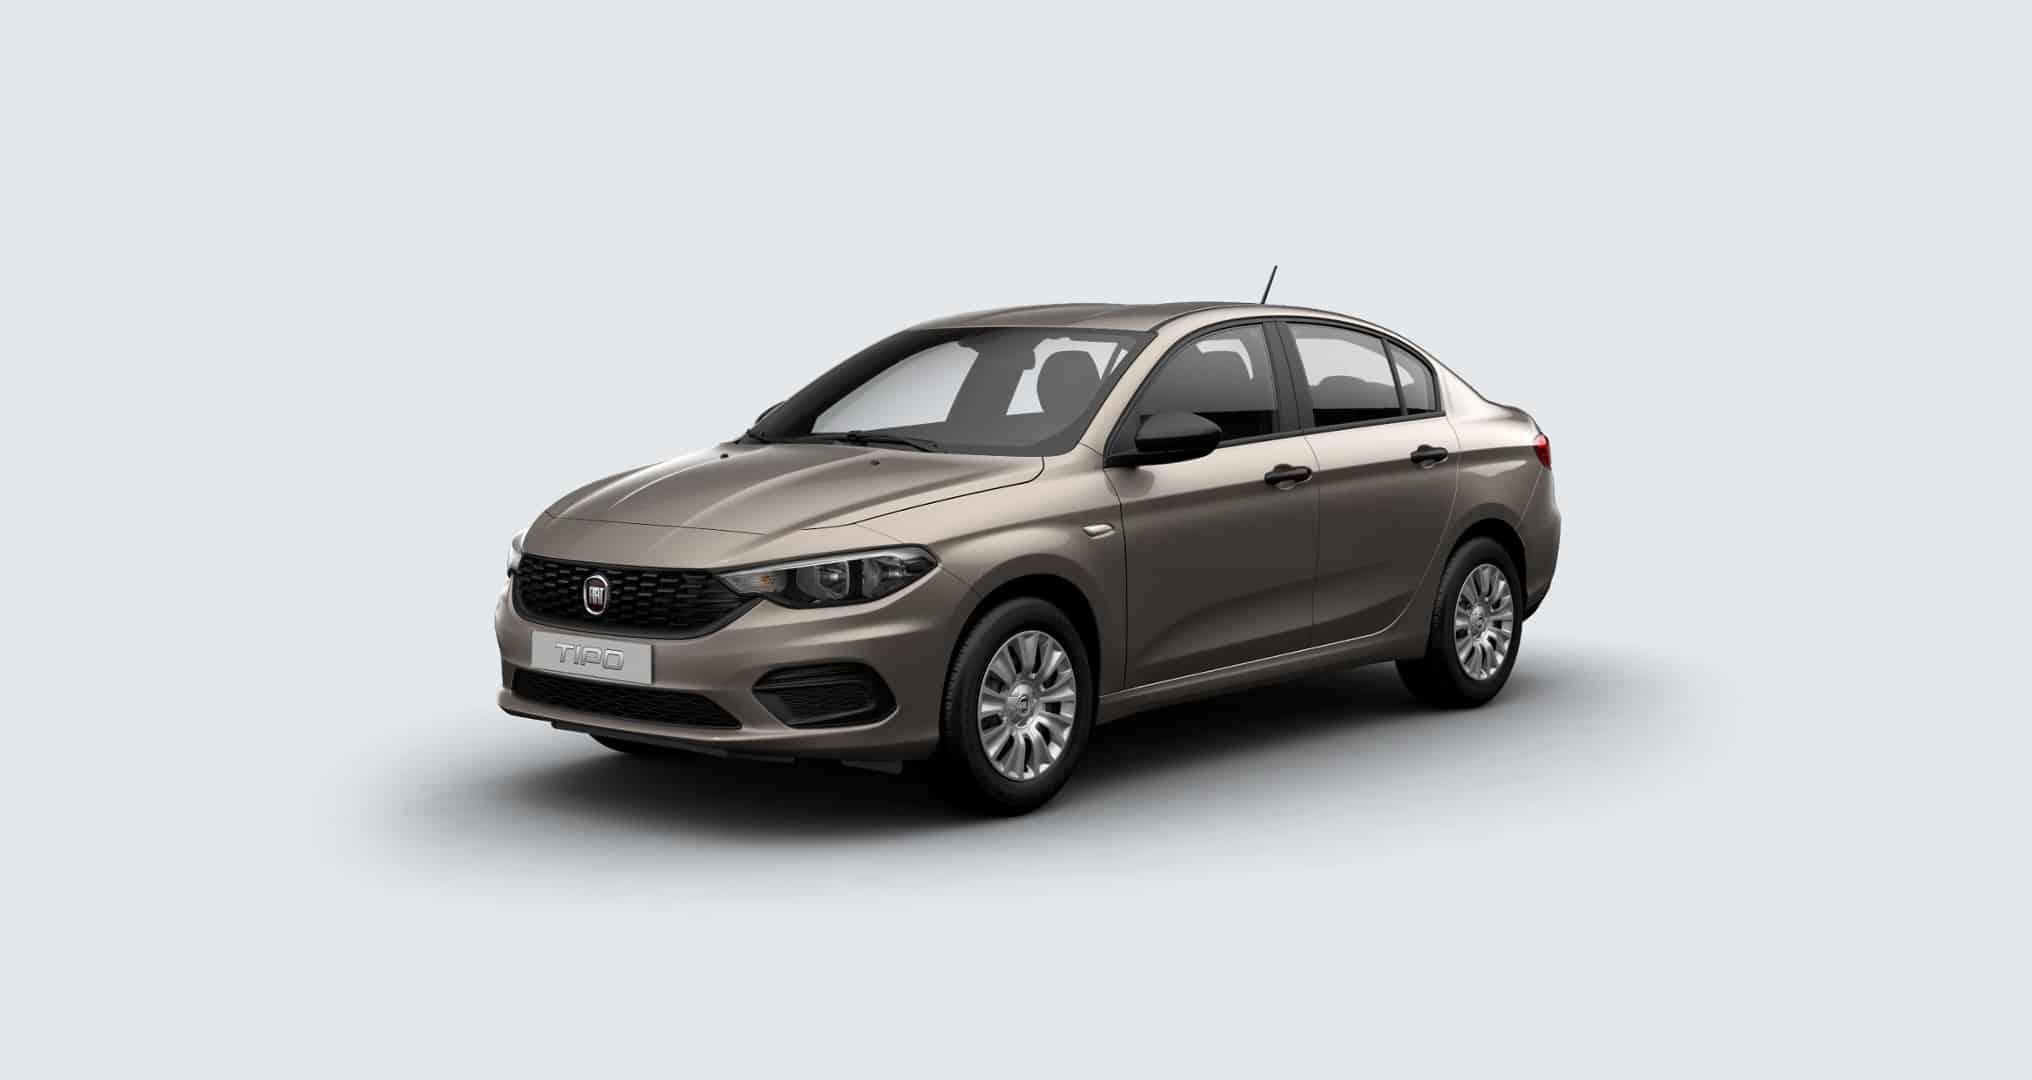 Fabricado en Turquía, el Fiat Tipo no se queda atrás y es el mejor coche relación calidad precio para las familias